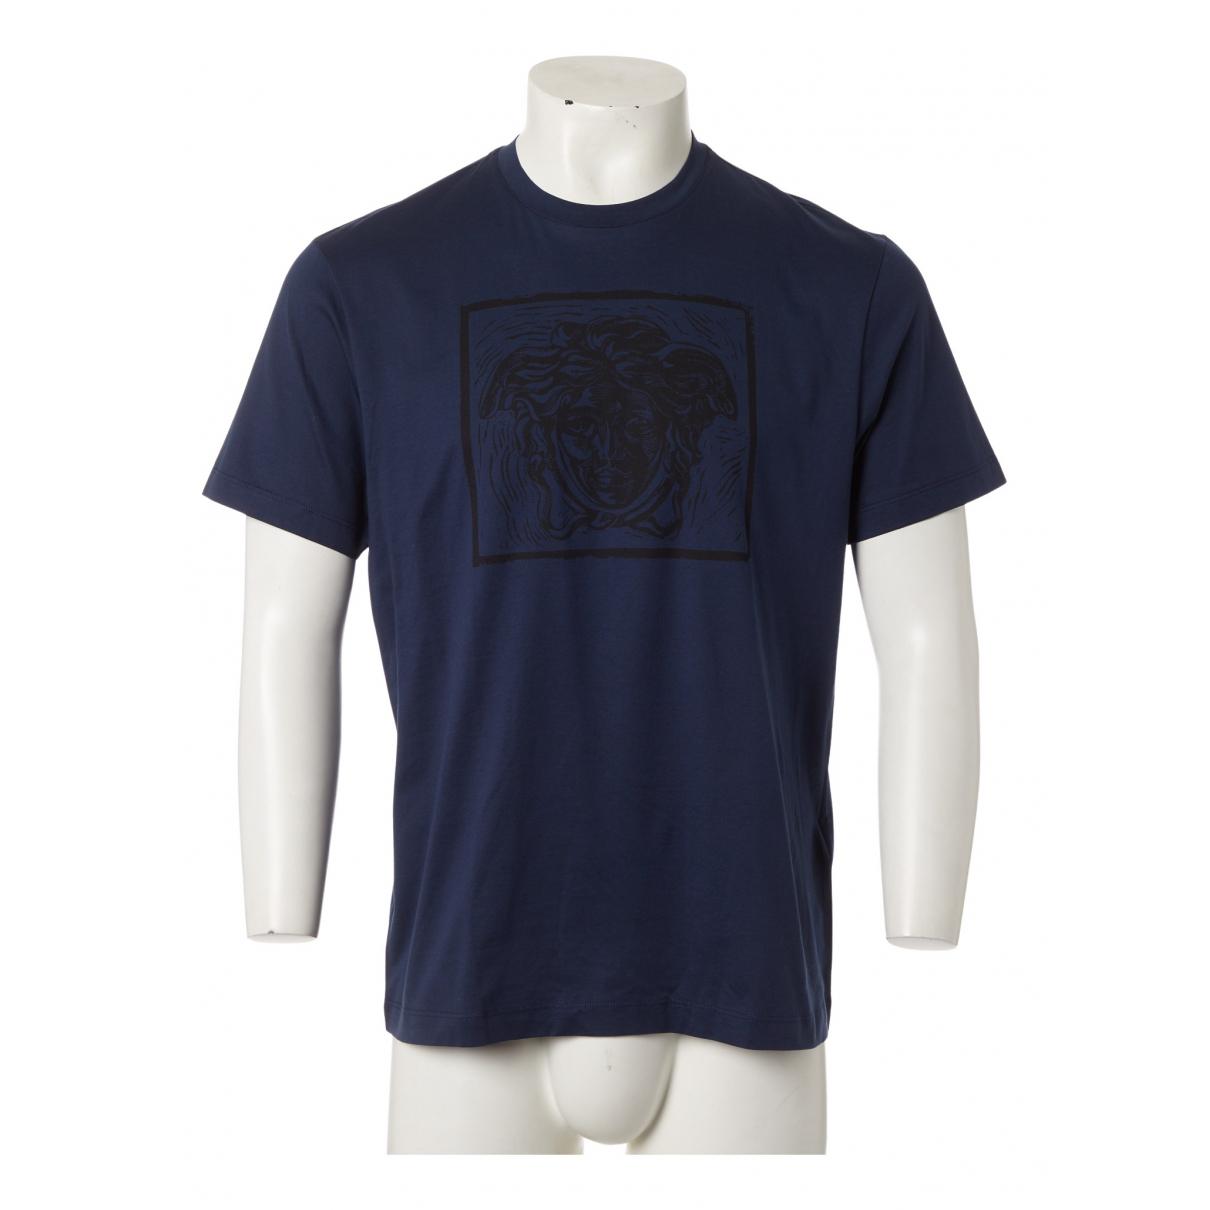 Versace - Tee shirts   pour homme en coton - marine